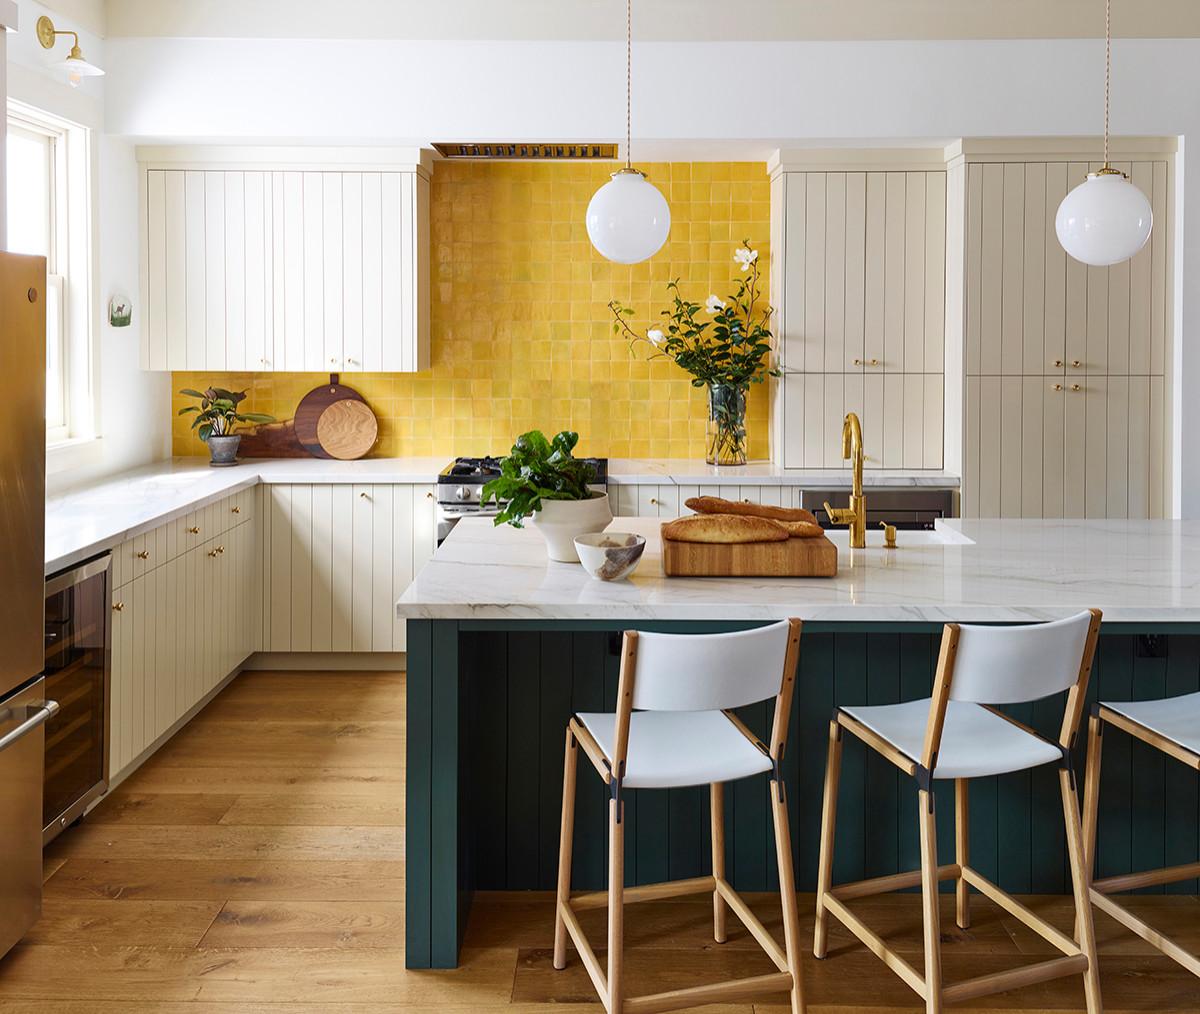 """Căn bếp màu vàng – xanh: xu hướng thời thượng được dự đoán """"hot nhất"""" năm 2021 - Ảnh 1."""